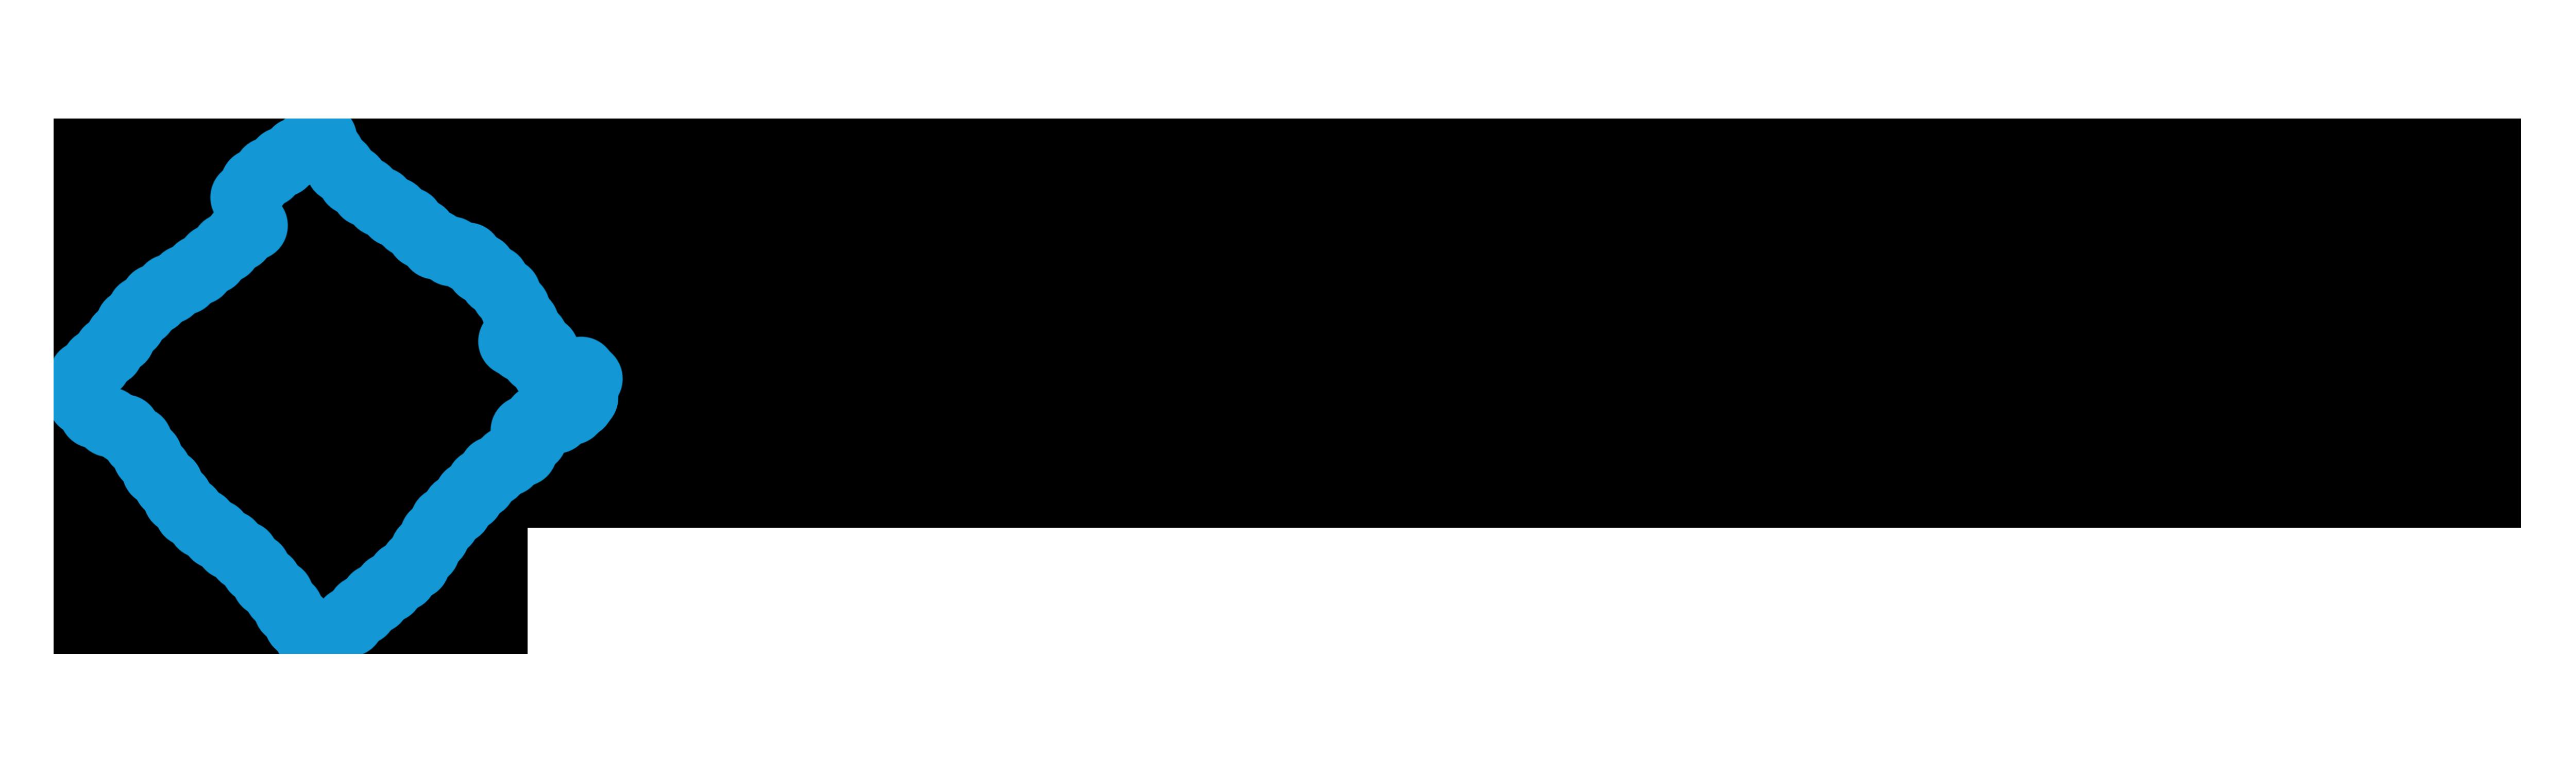 Exotanium